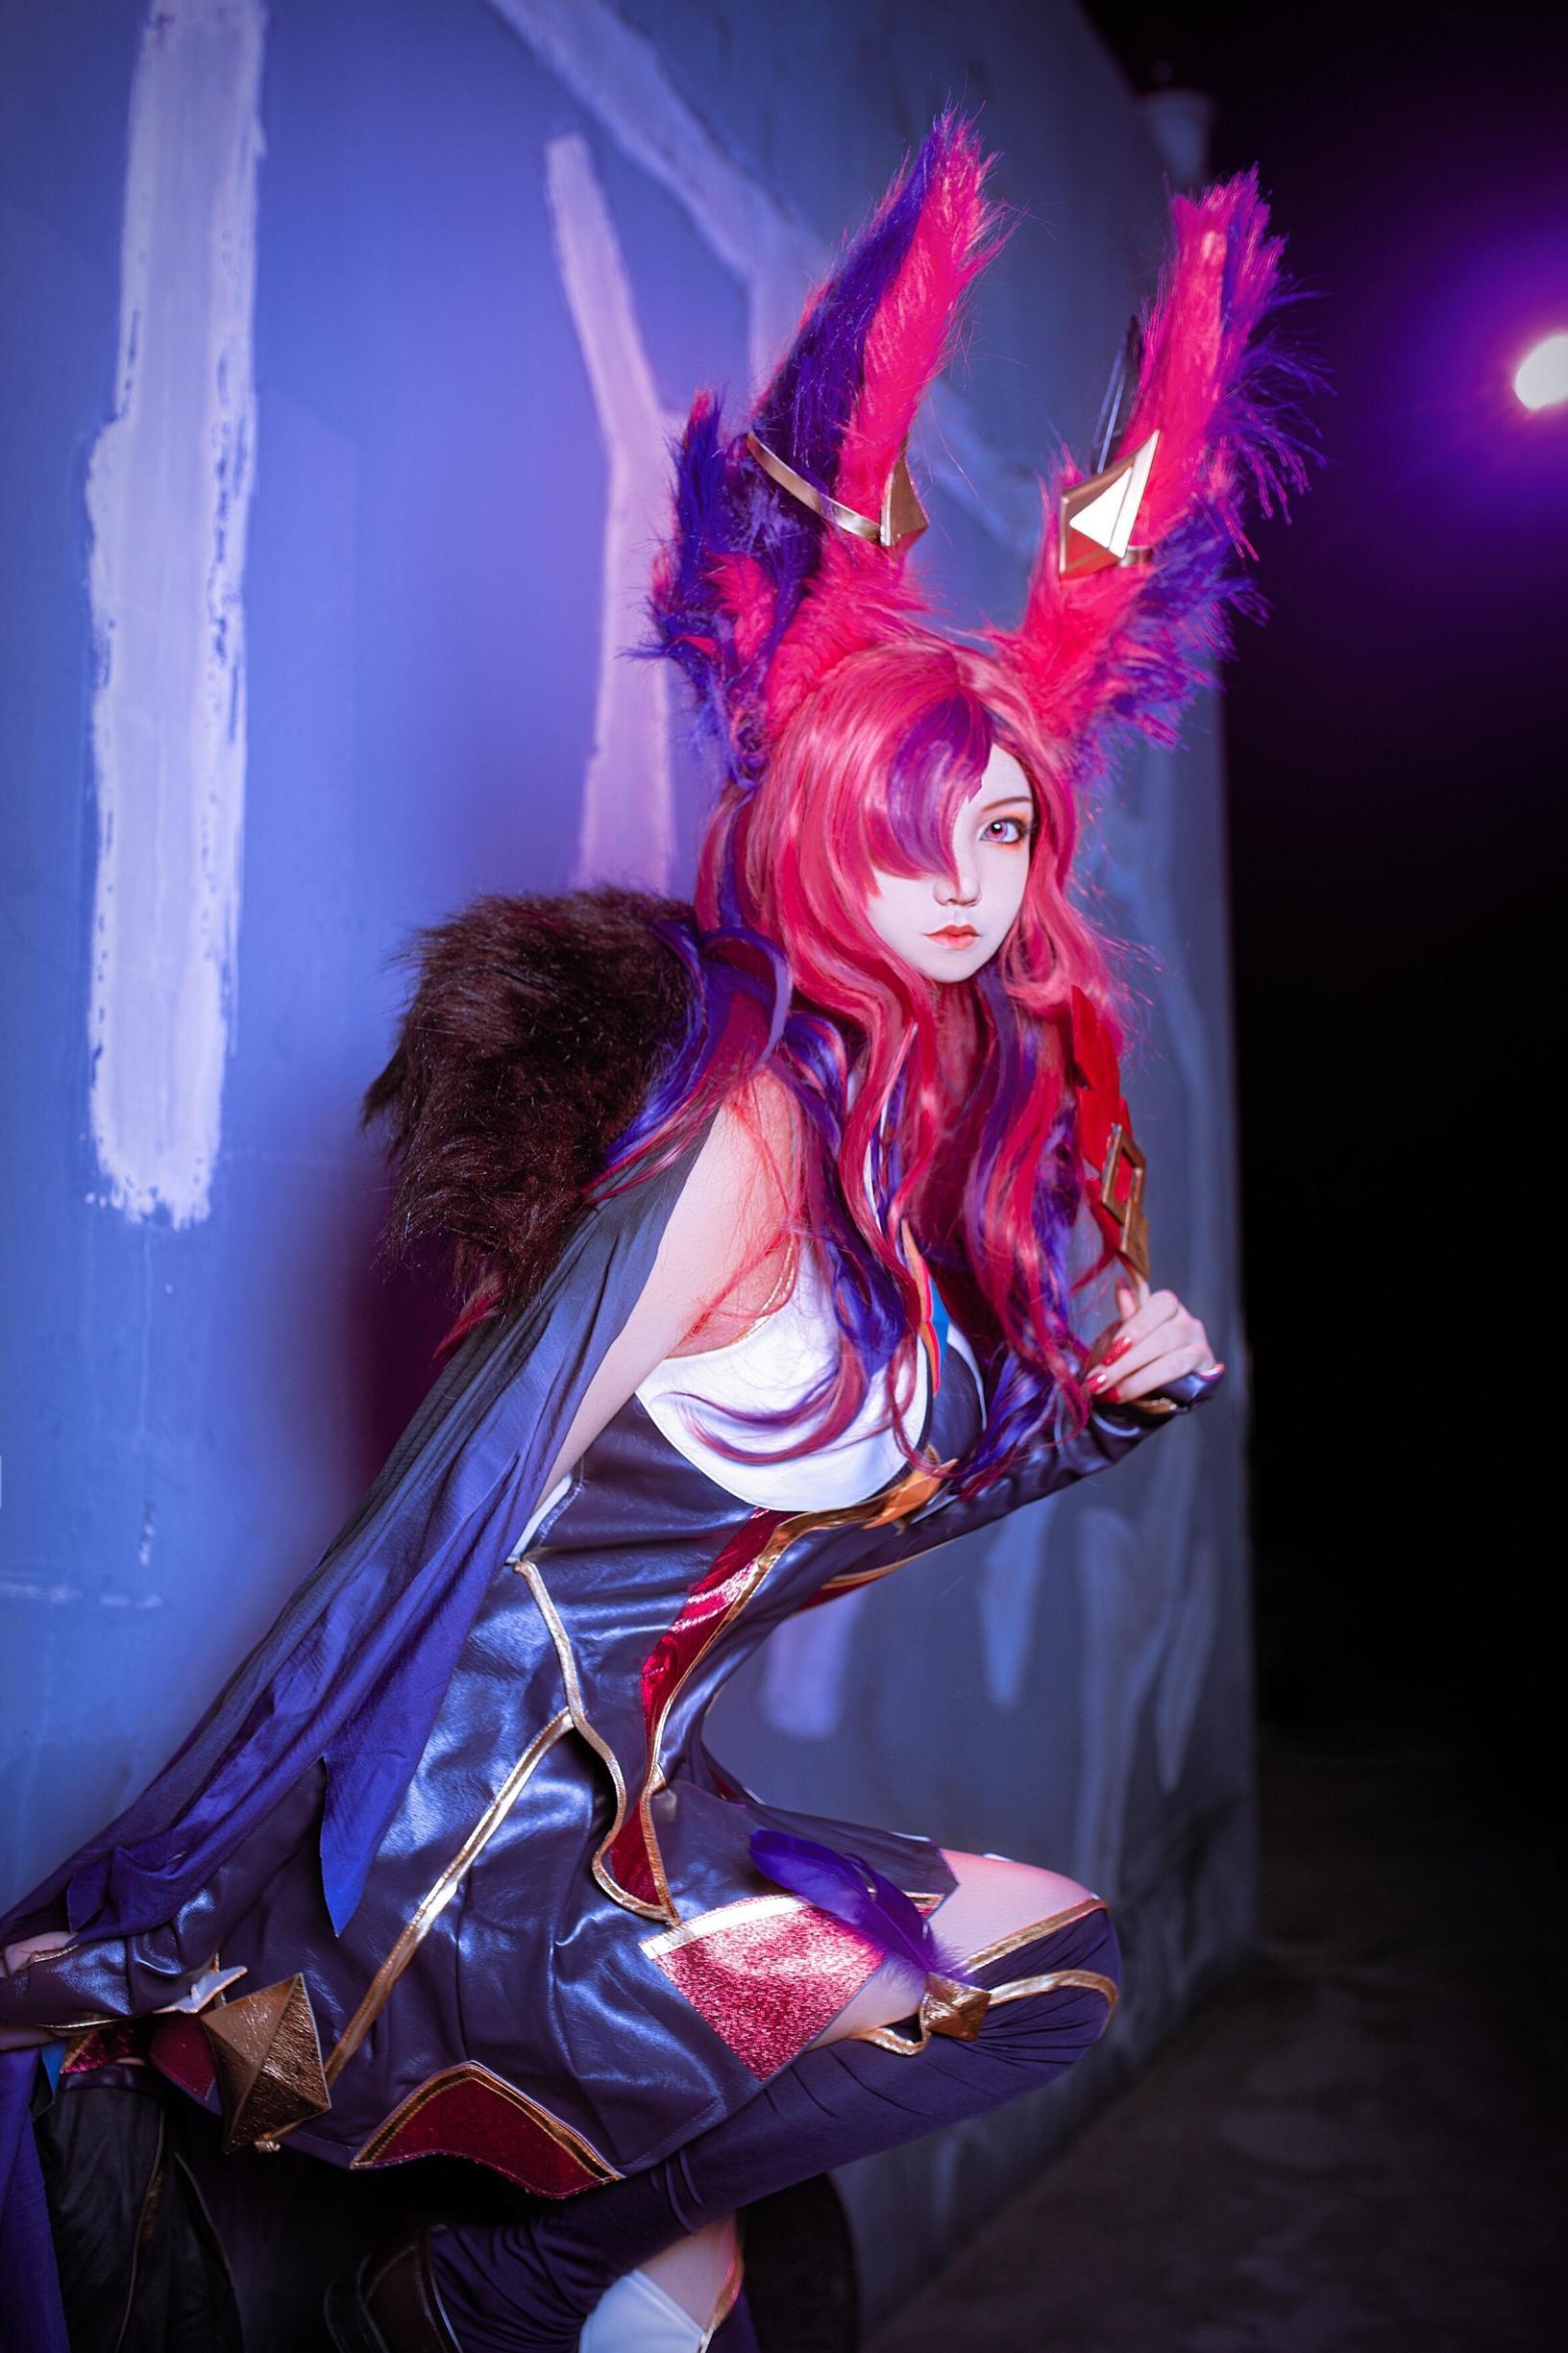 《英雄联盟》星之守护者cosplay【CN:一只超级懒的沐恩】-第5张